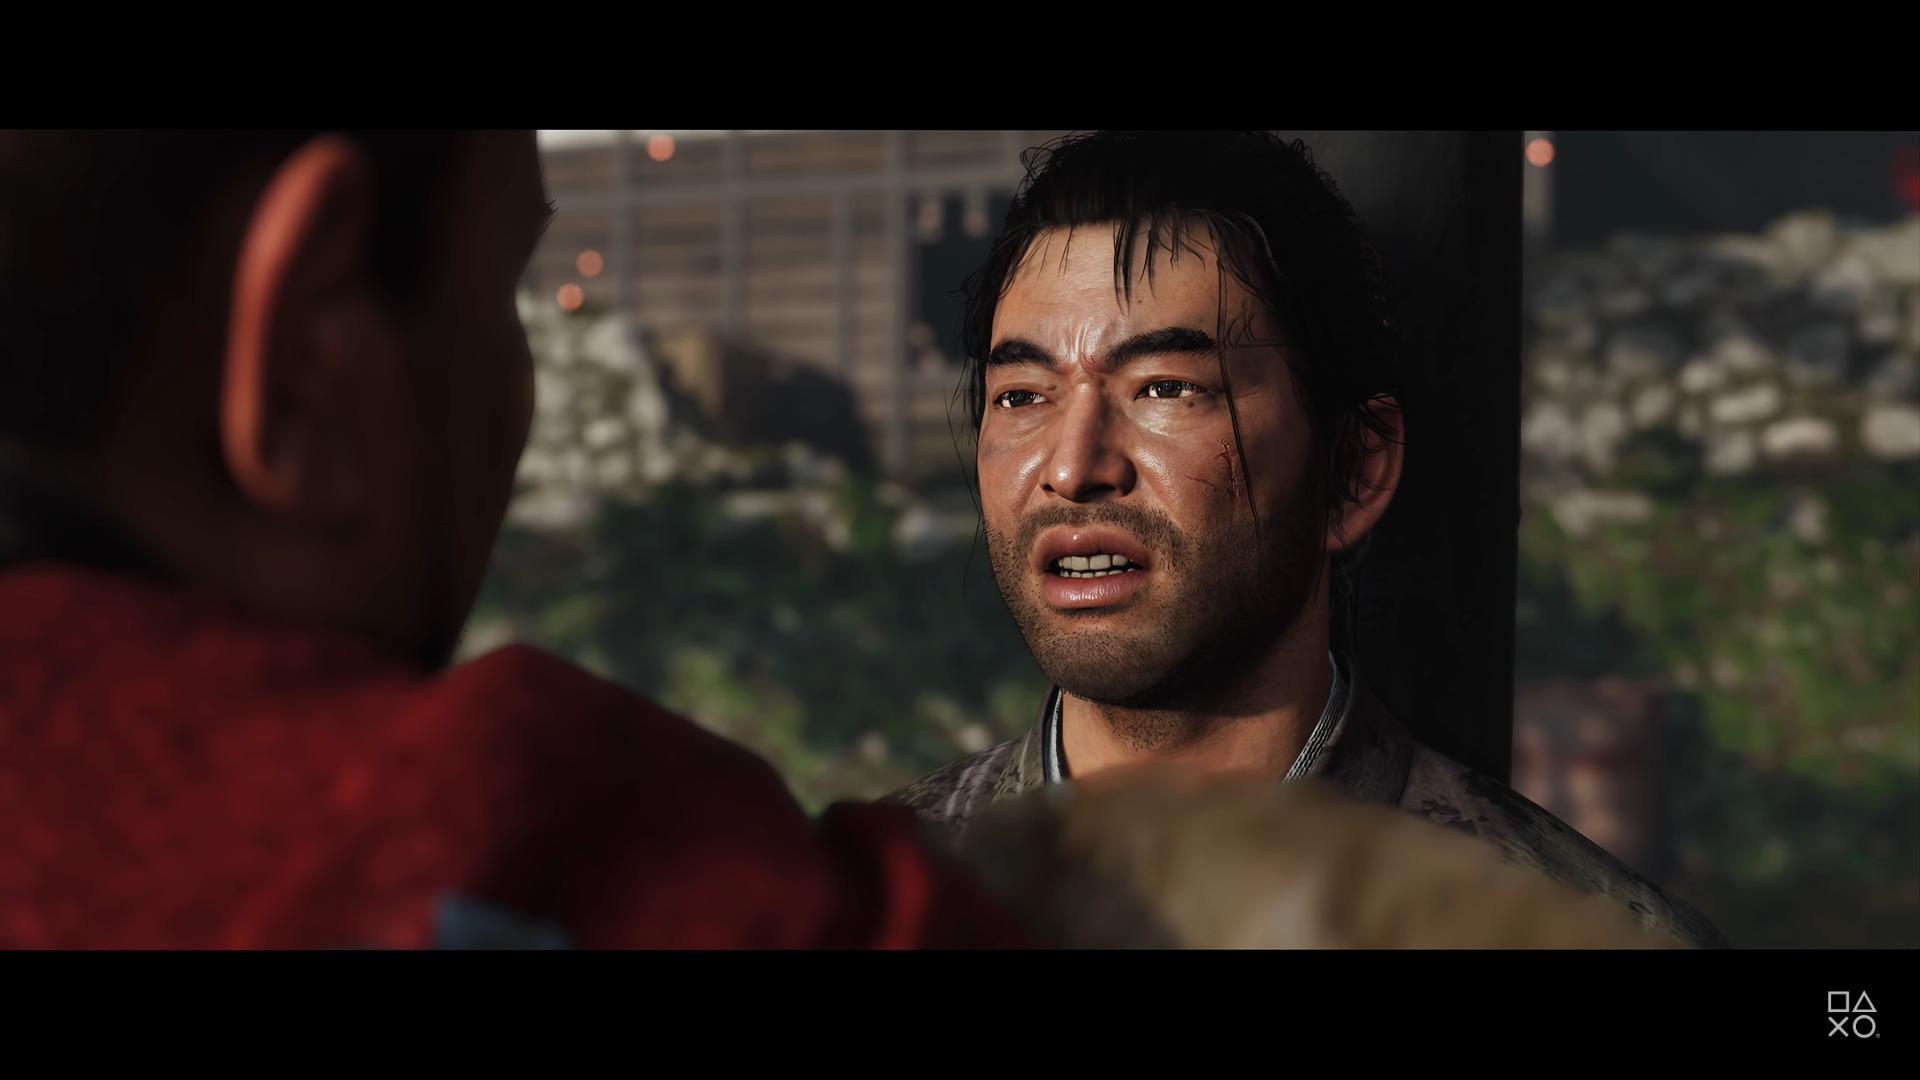 ??監督「ゴーストオブツシマはブッサイおっさんなのに大ヒットして、正直負けた…と思わされた」